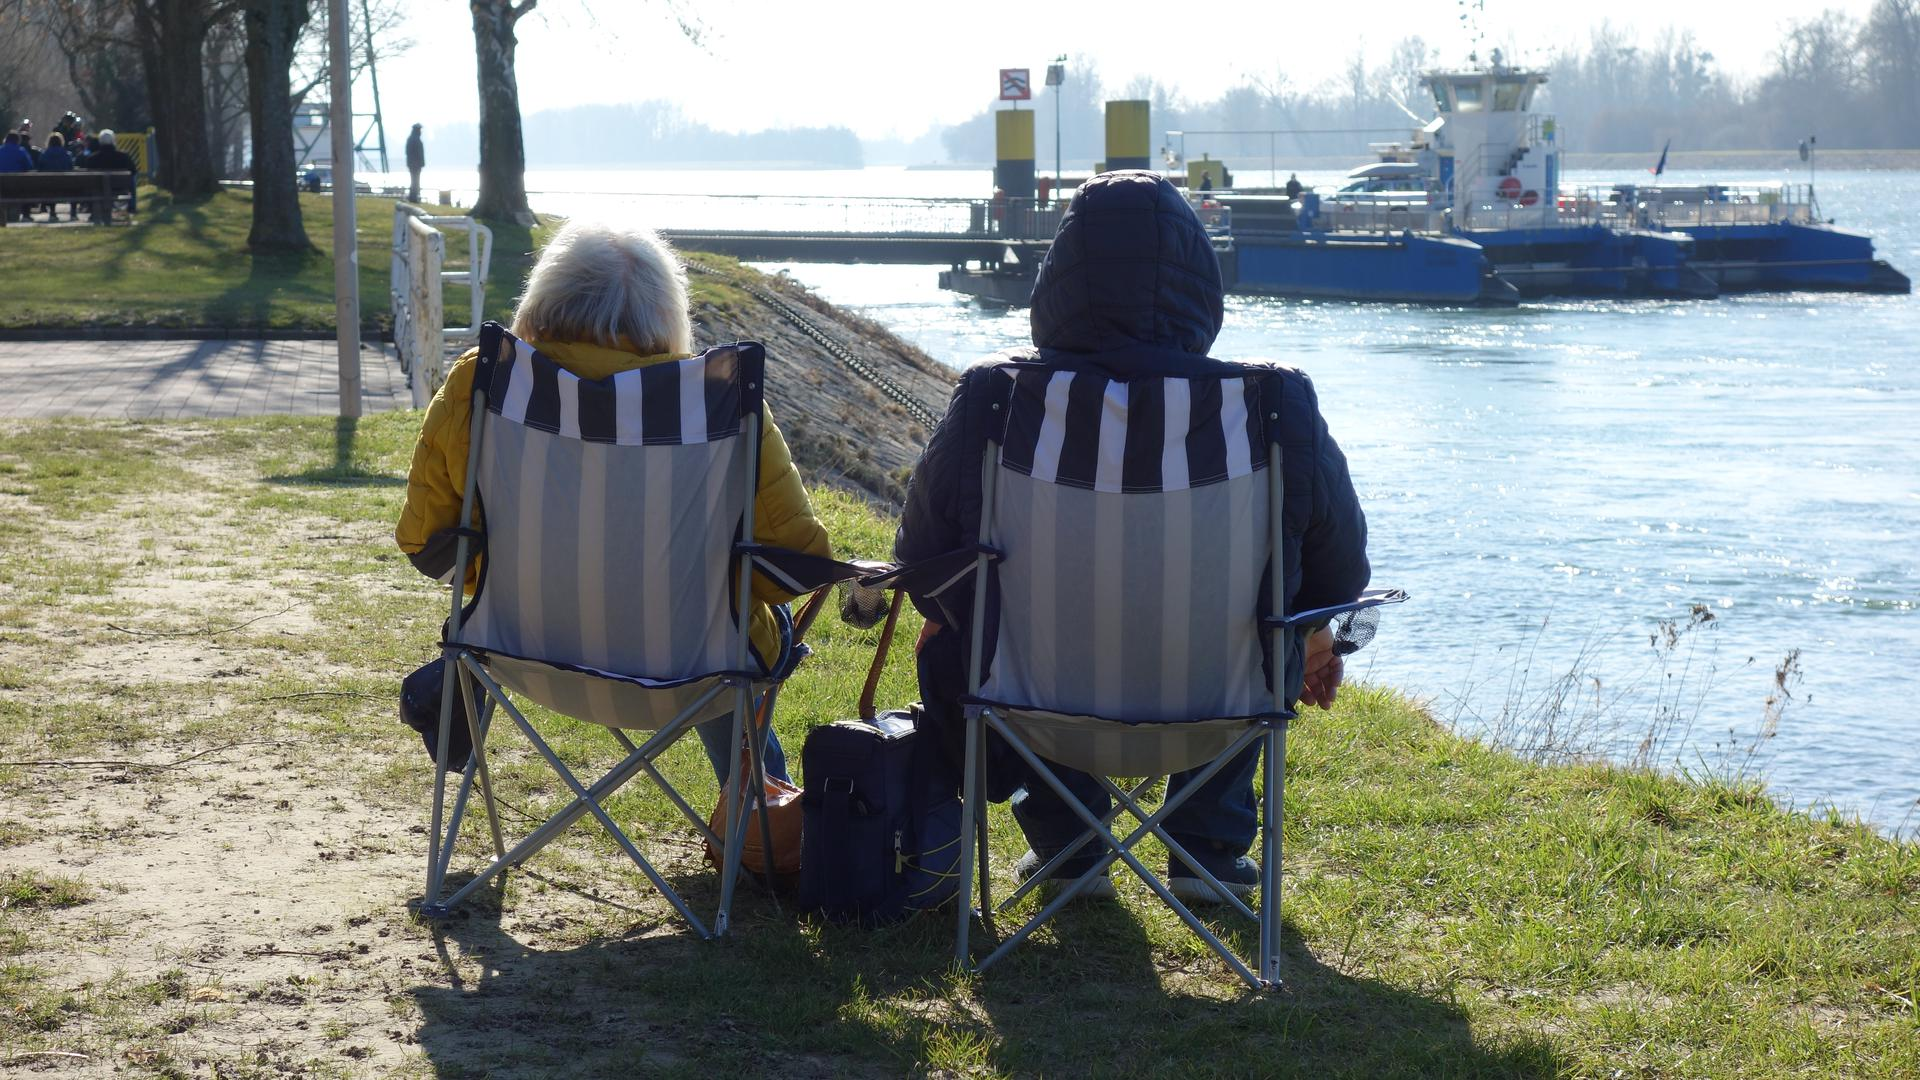 Entspannung am Rhein: Gemütlich genießen diese beiden Ausflügler die wärmende Sonne bei Plittersdorf.